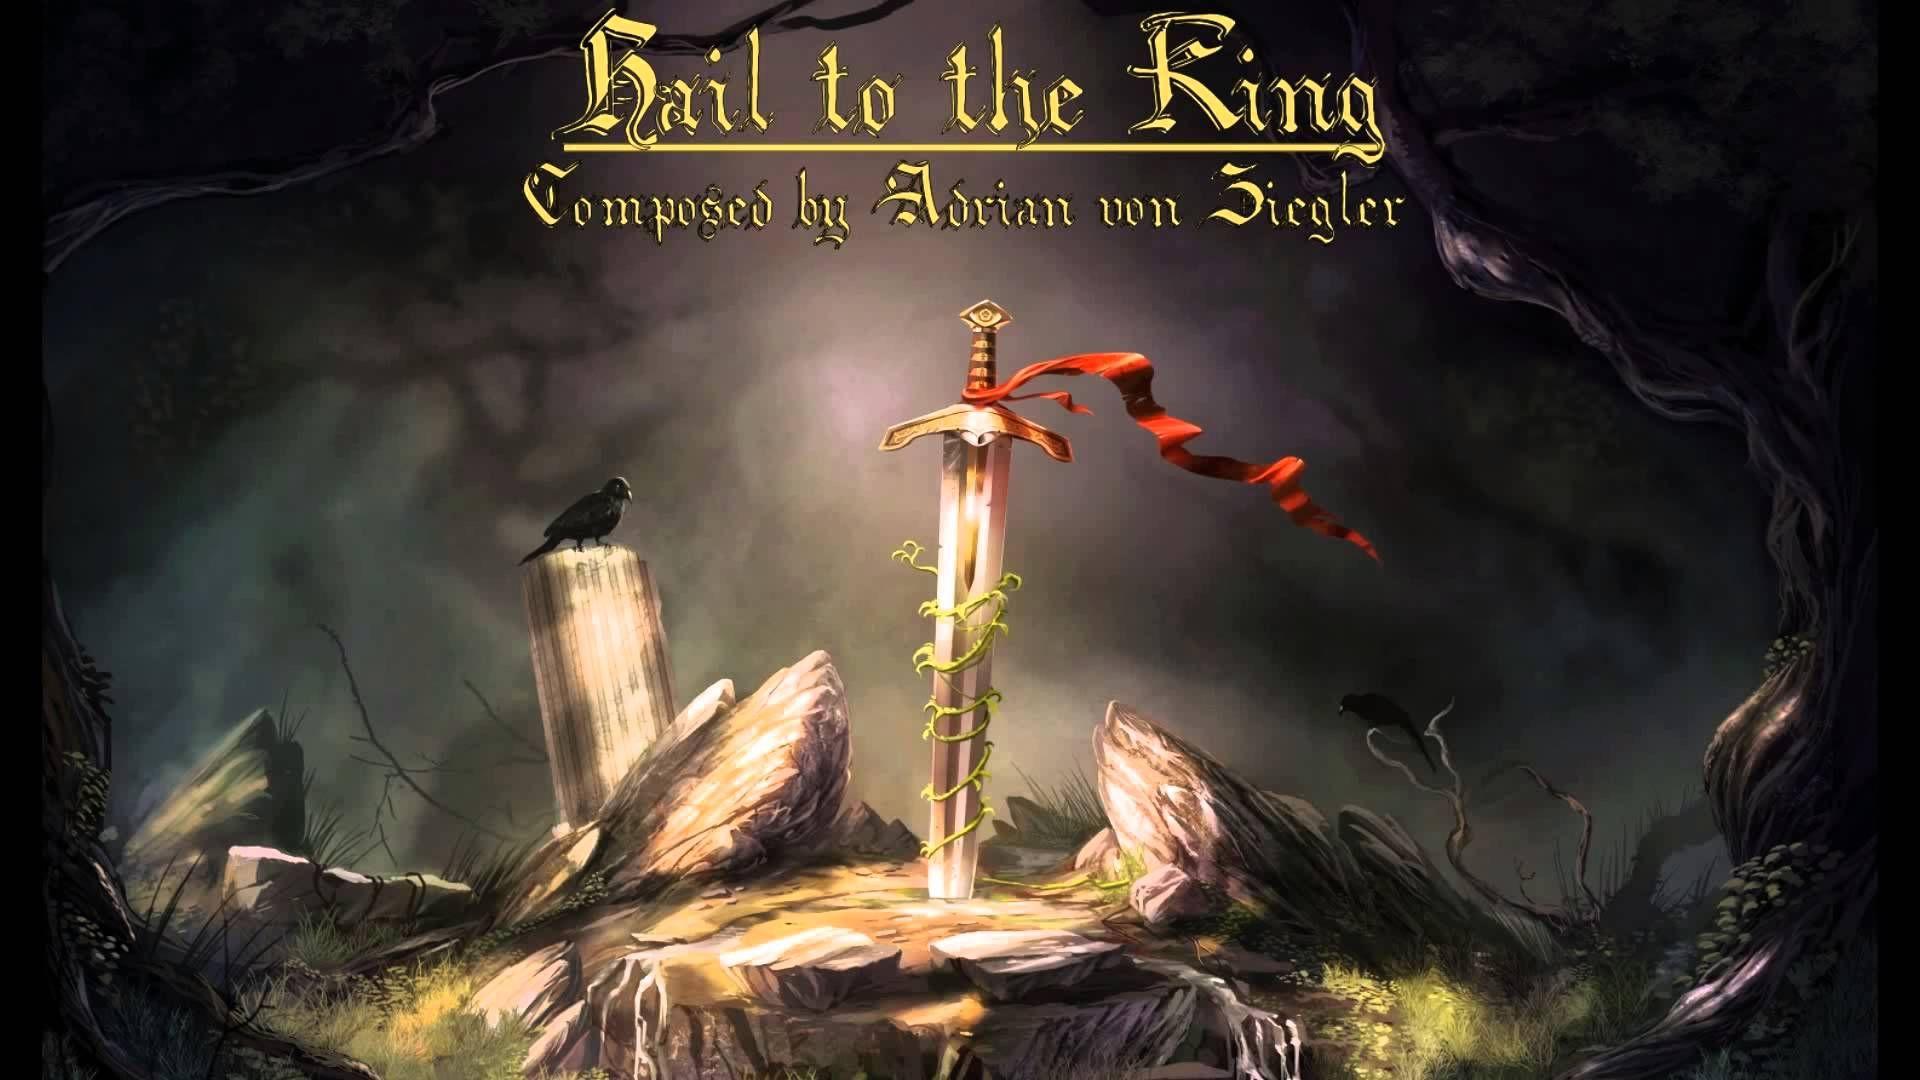 Adrien von zieglerceltic music hail to the king libros msica adrien von zieglerceltic music hail to the king voltagebd Gallery